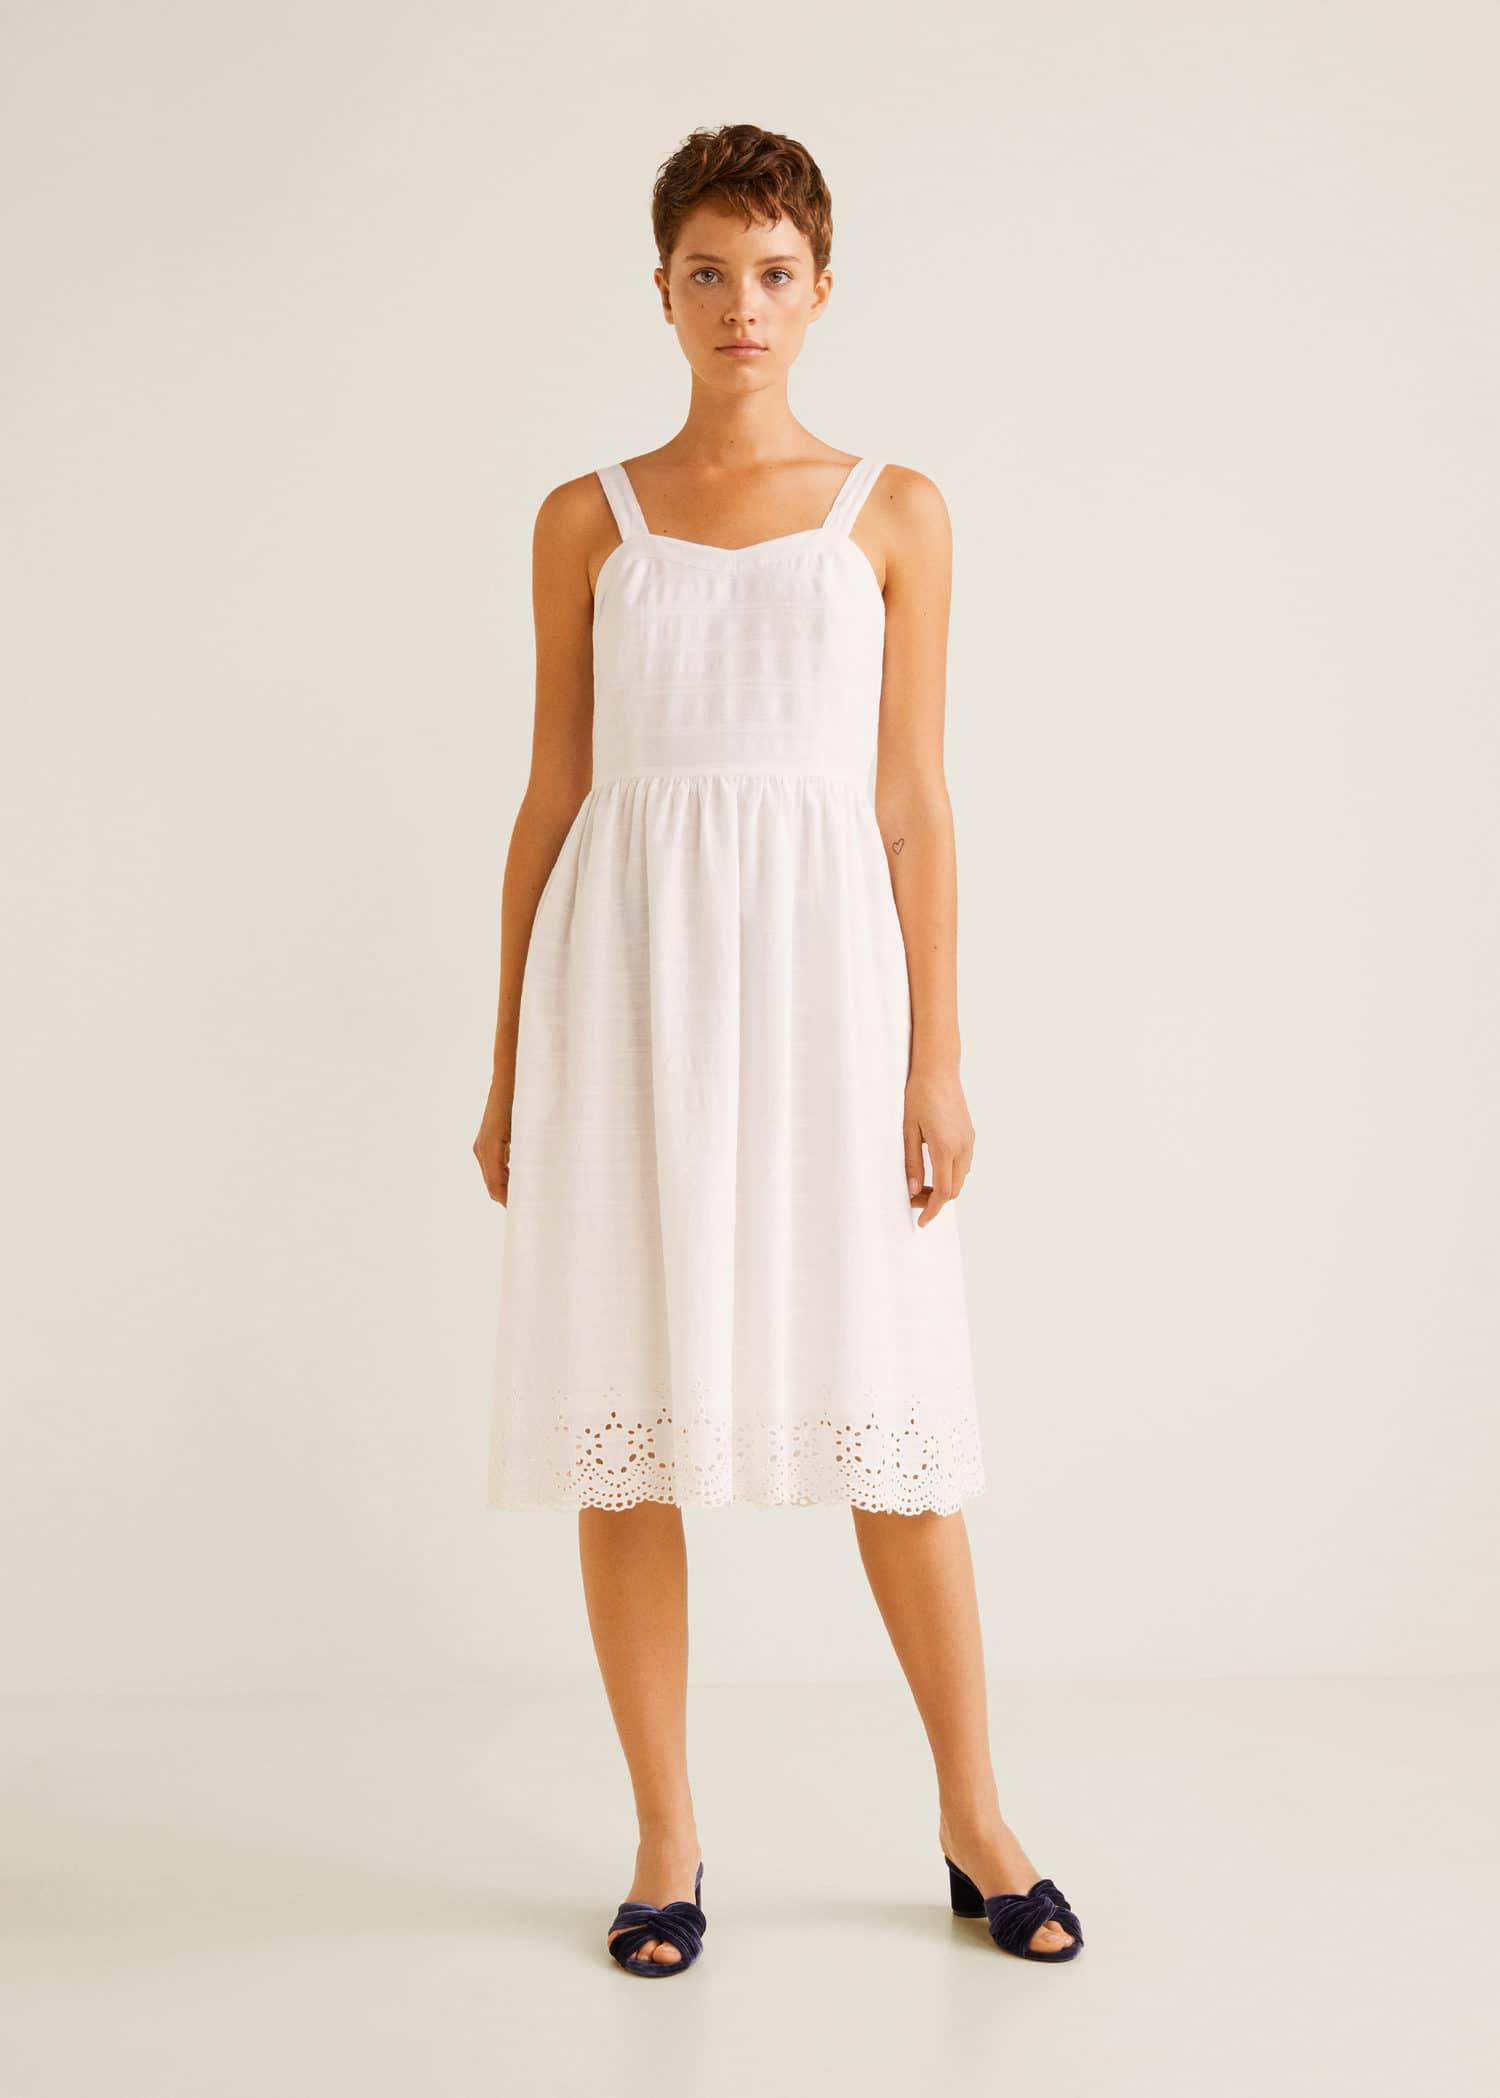 Vestidos de fiesta blanco medellin